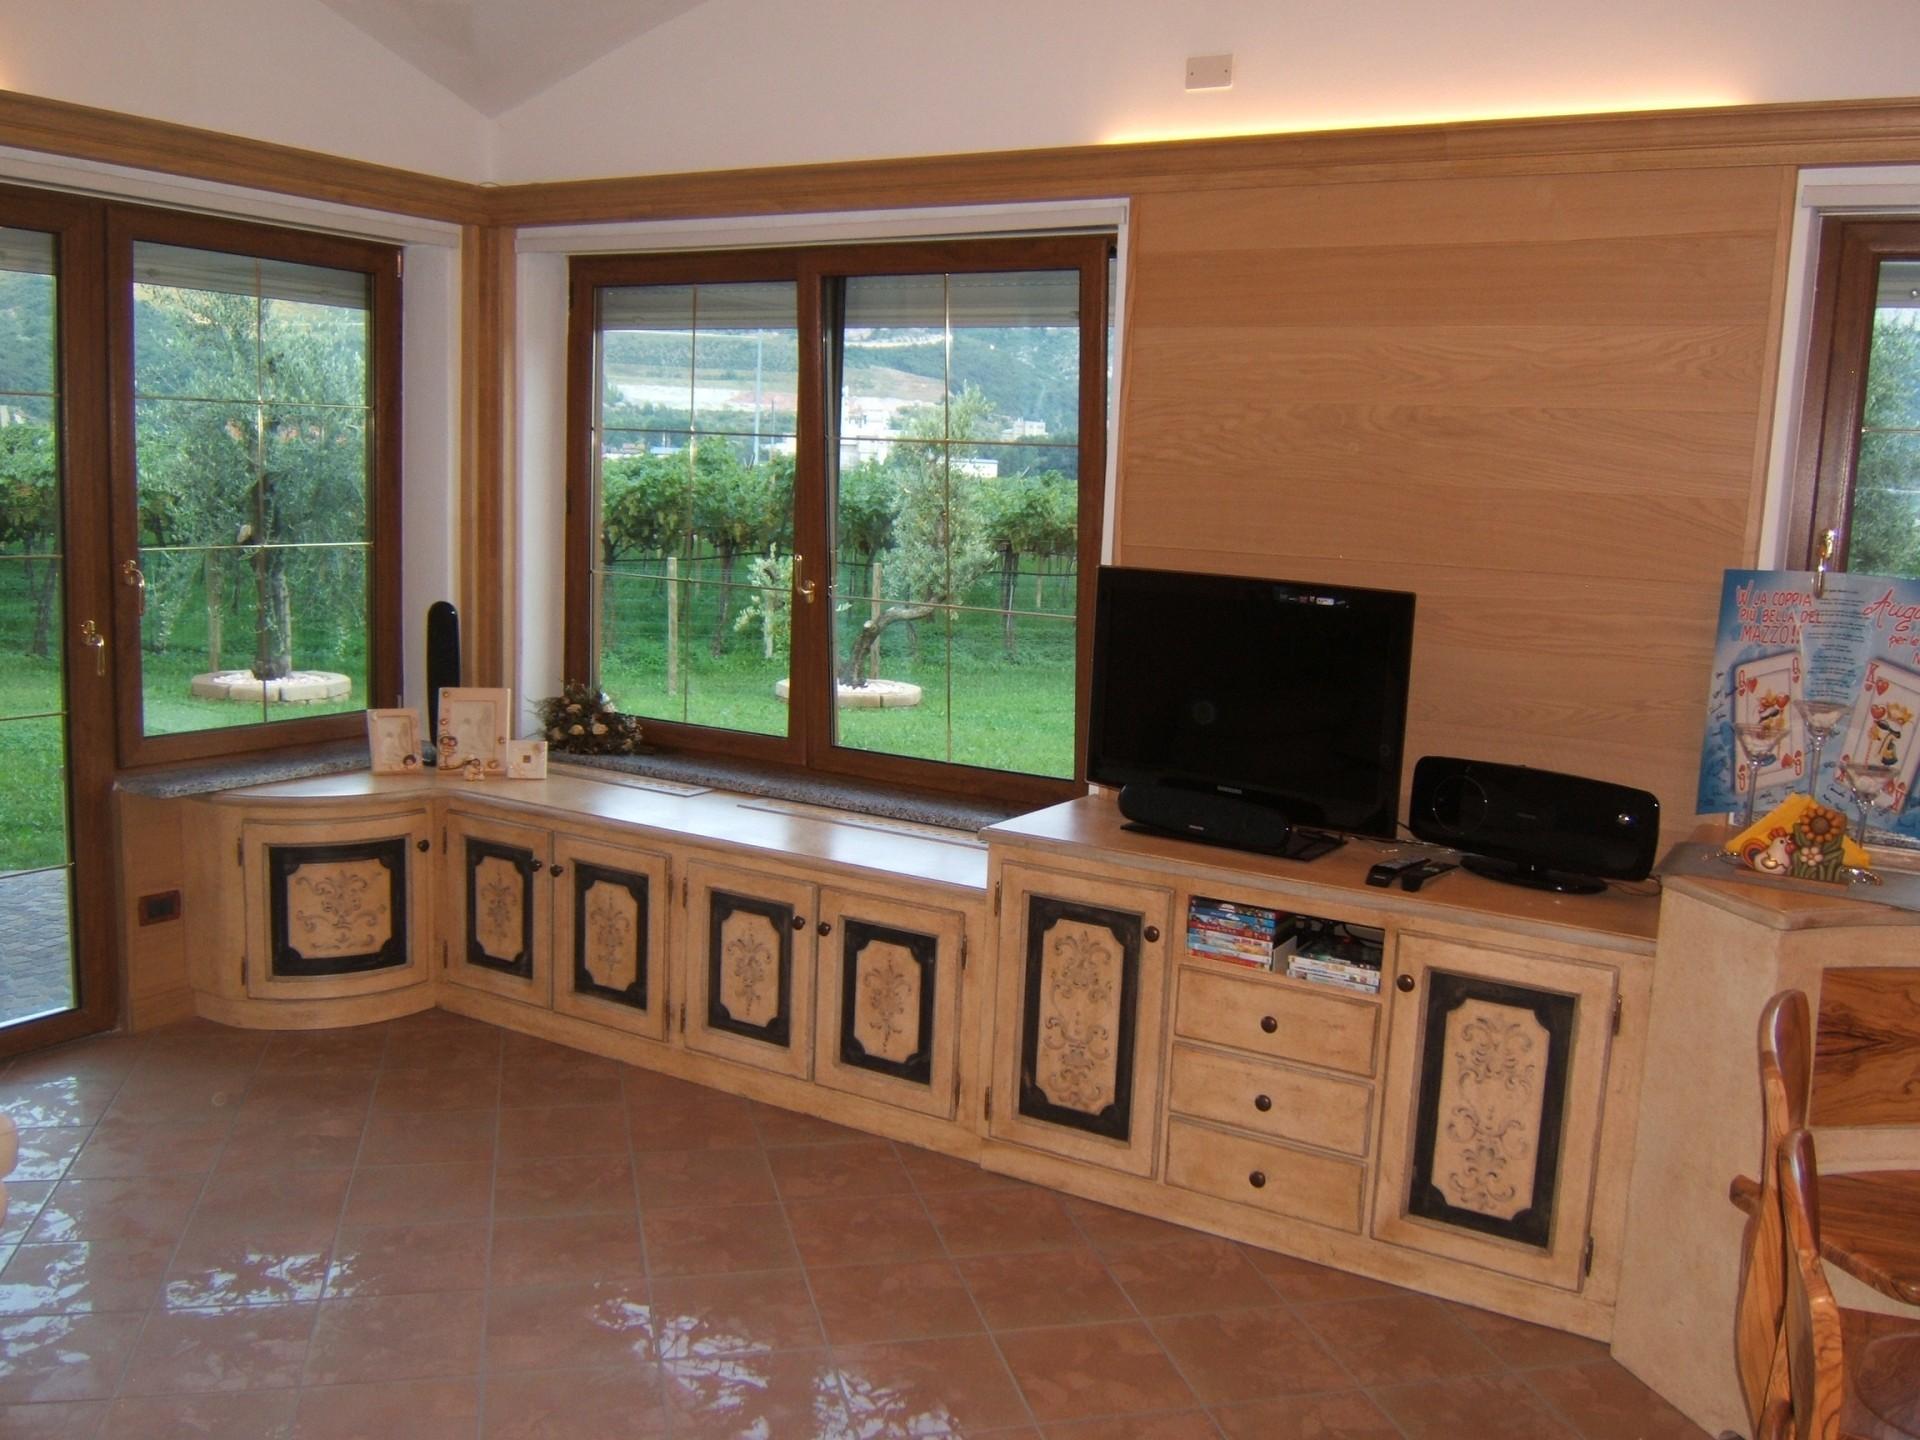 Mobili per sala in legno su misura fadini mobili cerea verona - Mobili in stile cerea ...